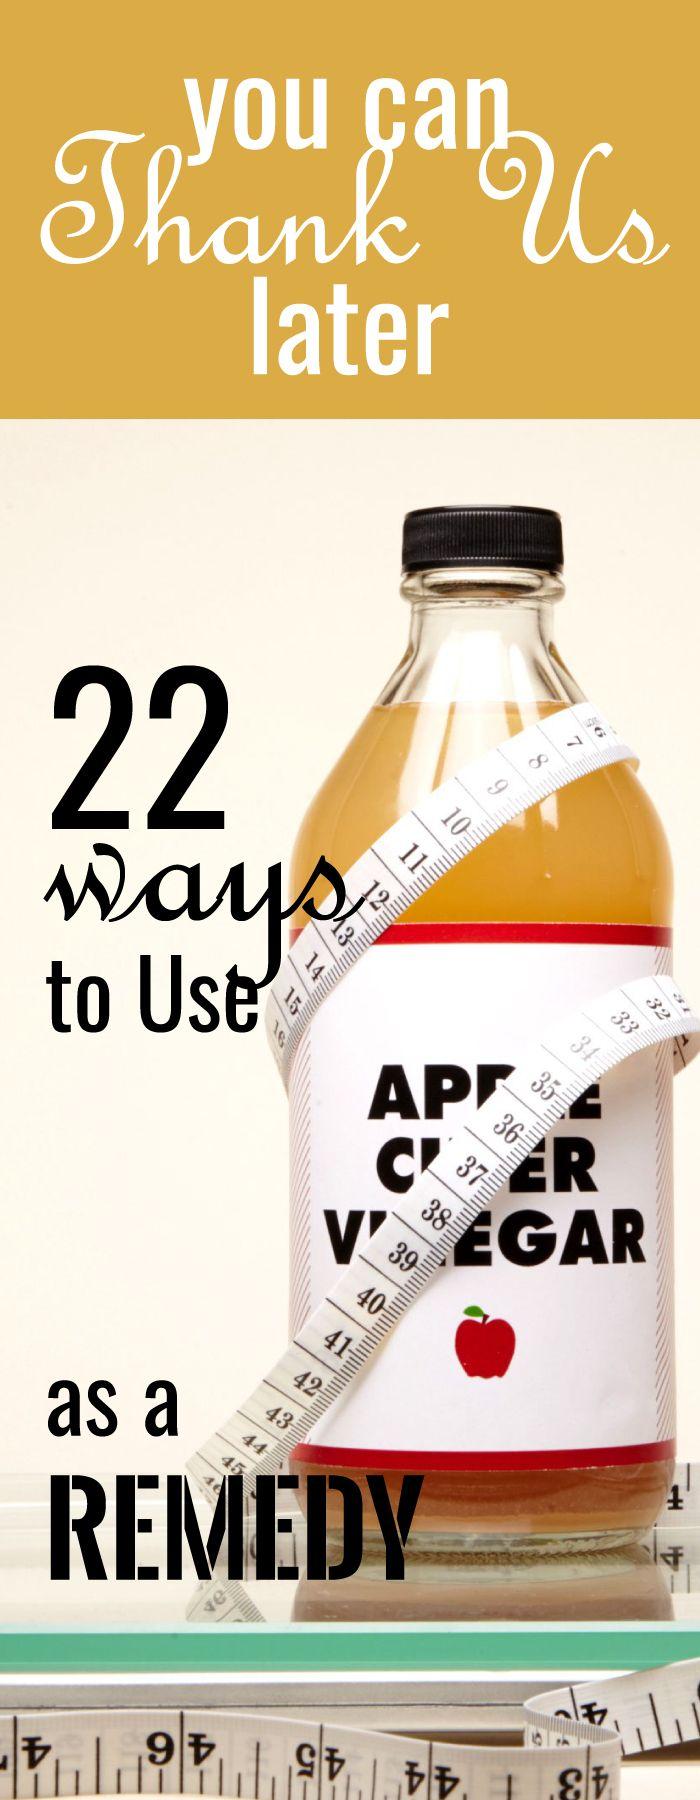 Le vinaigre de cidre a été utilisé pour de nombreux usages ménagers et culinaires …   – For my health